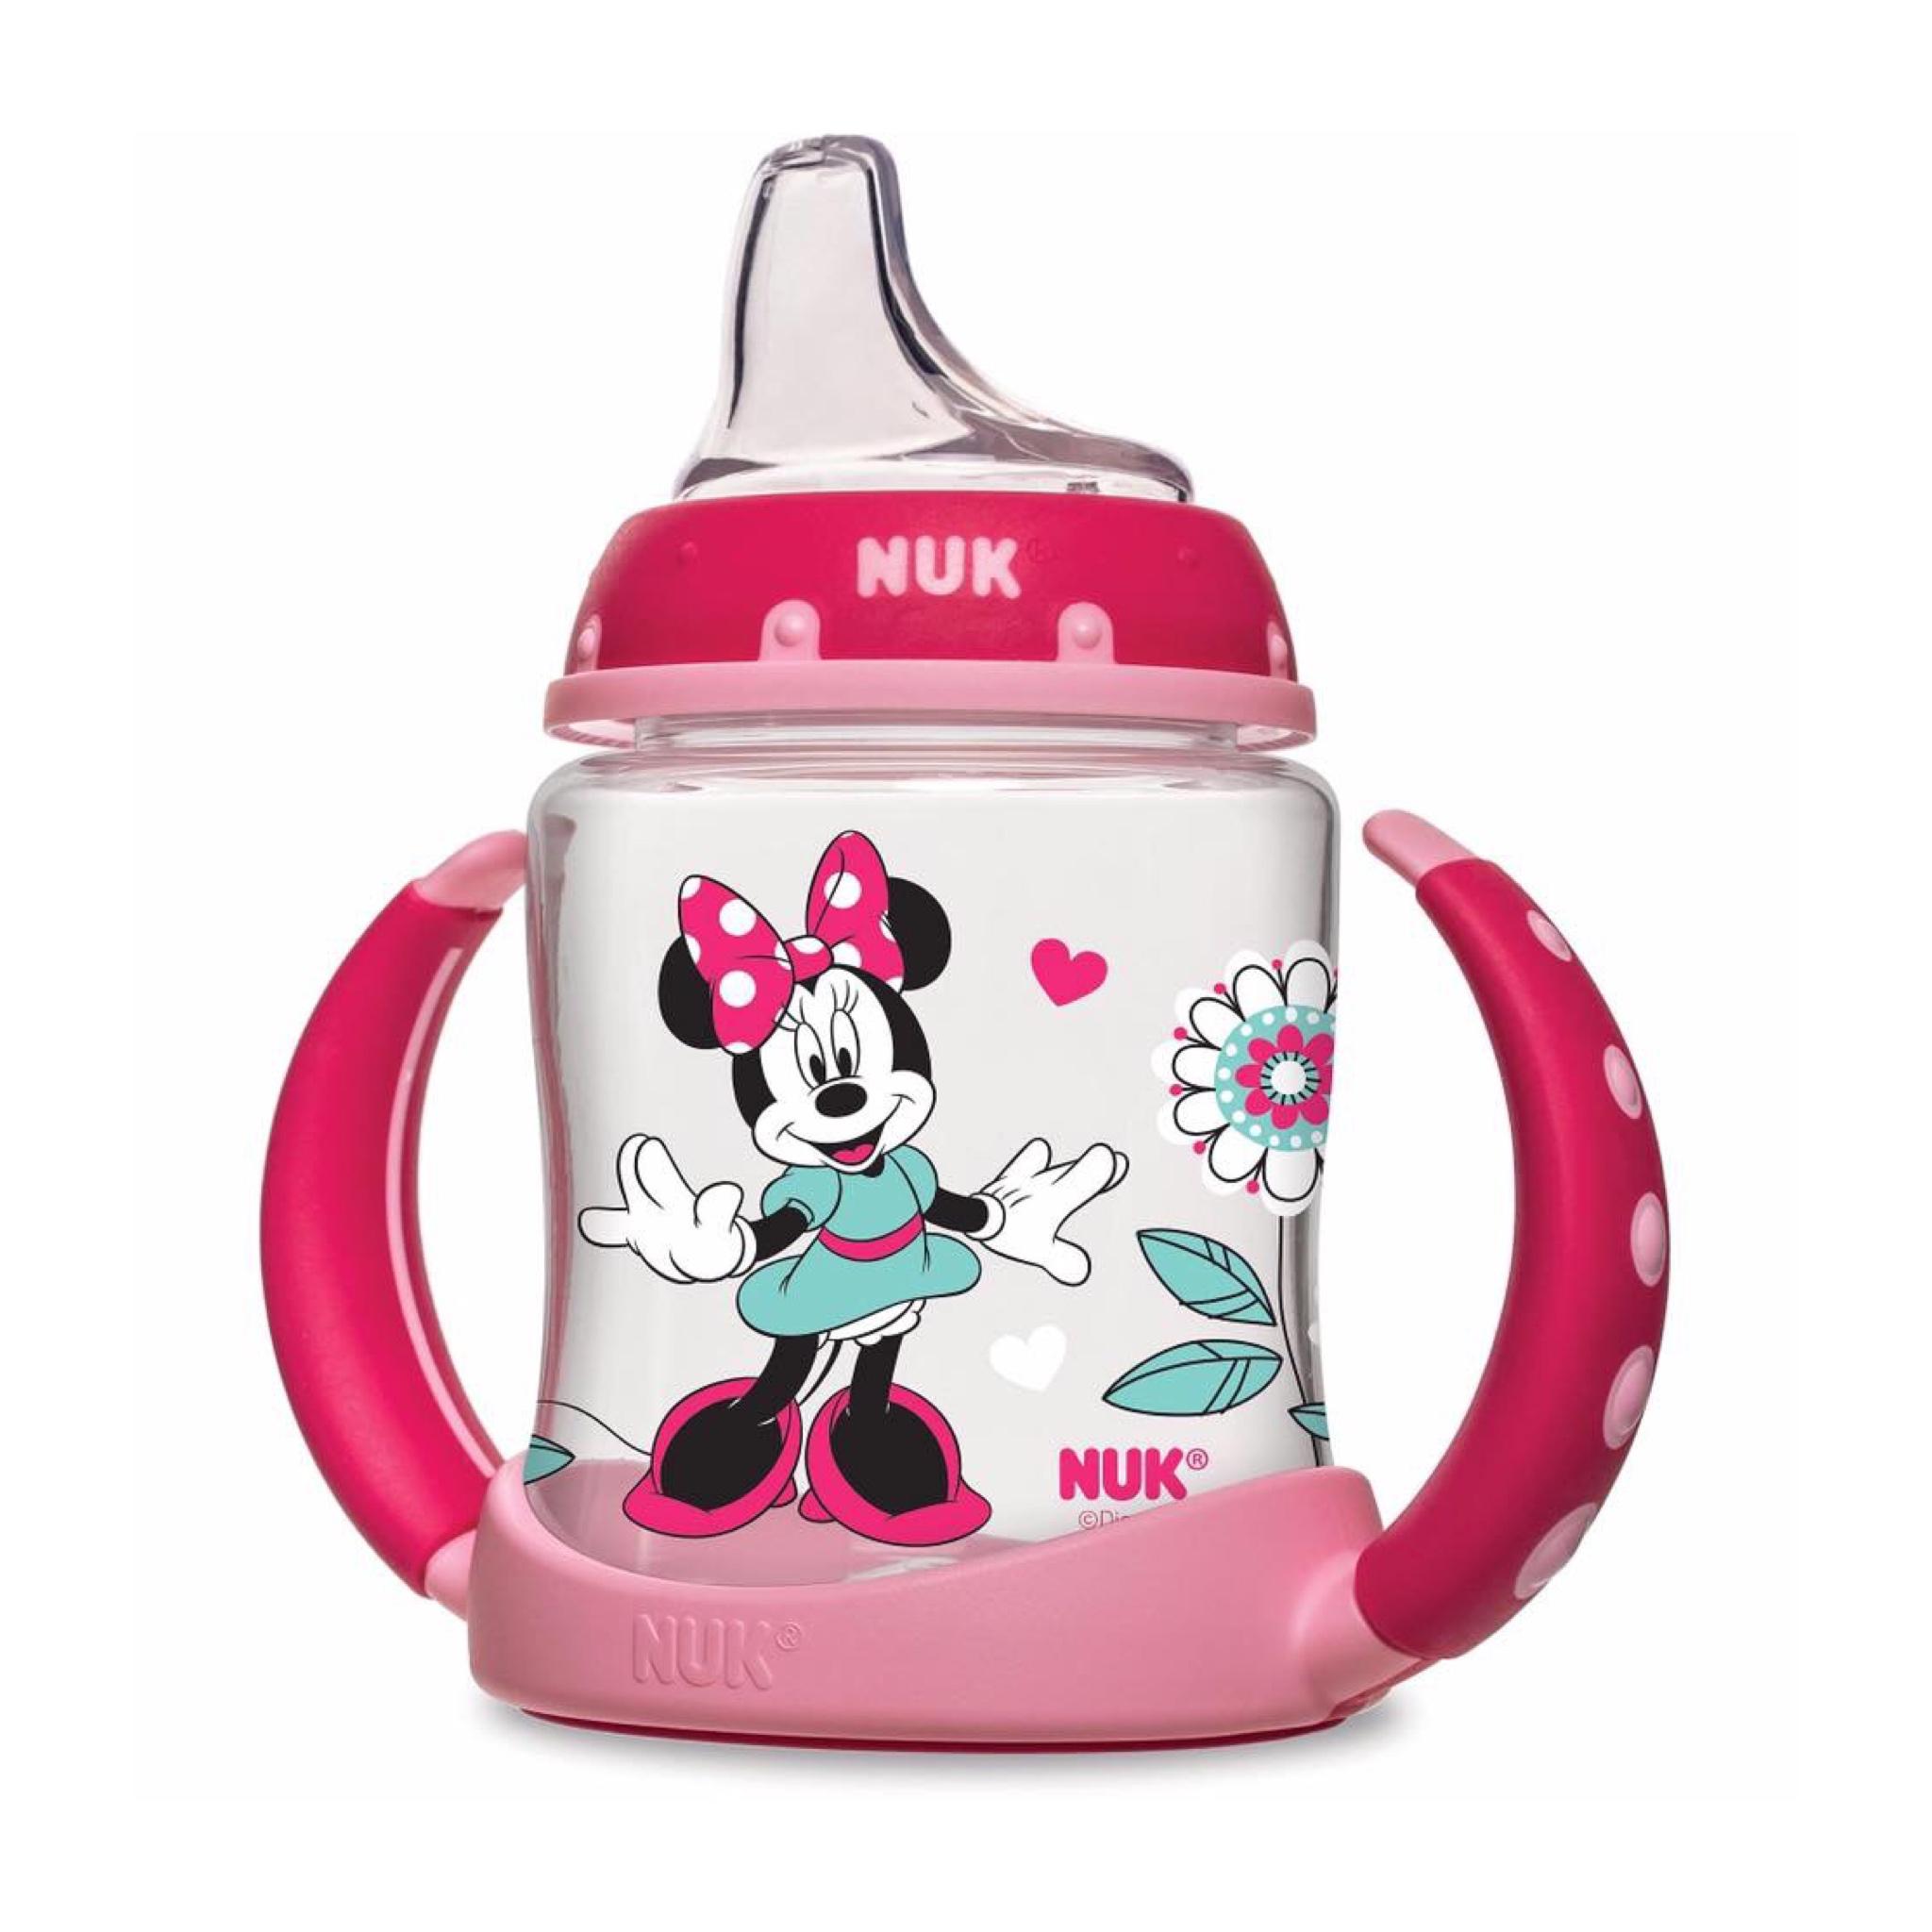 ถ้วยหัดดื่มปลอดสารพิษ Nuk 5-oz Learner Cup, Silicone Spout, BPA Free (Minnie Mouse)